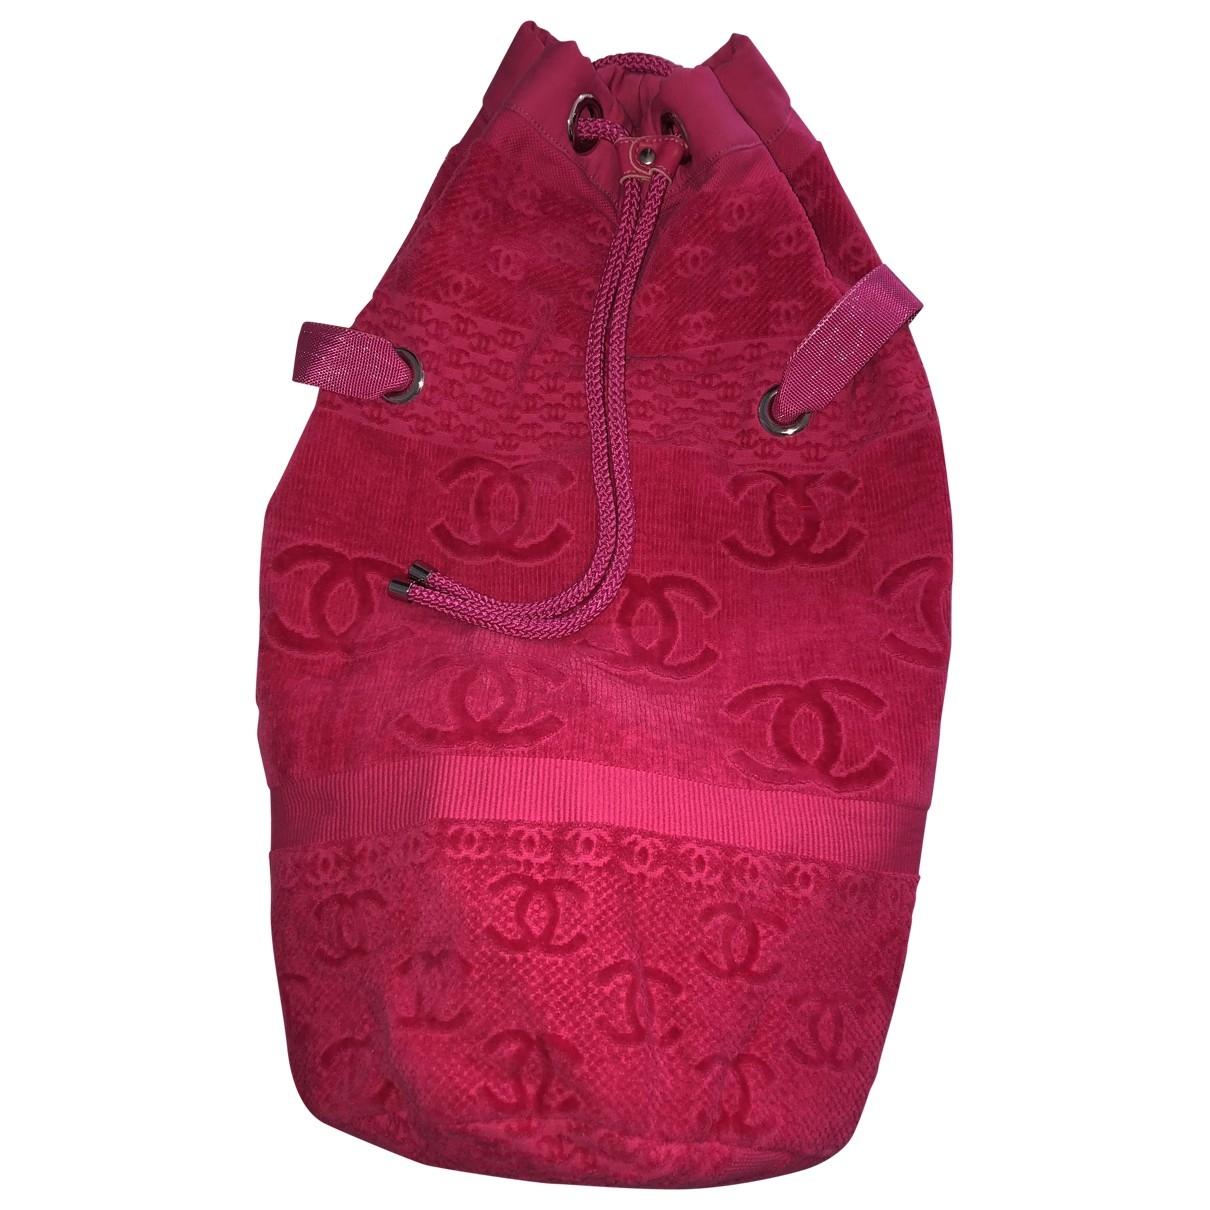 Chanel \N Handtasche in  Rosa Baumwolle